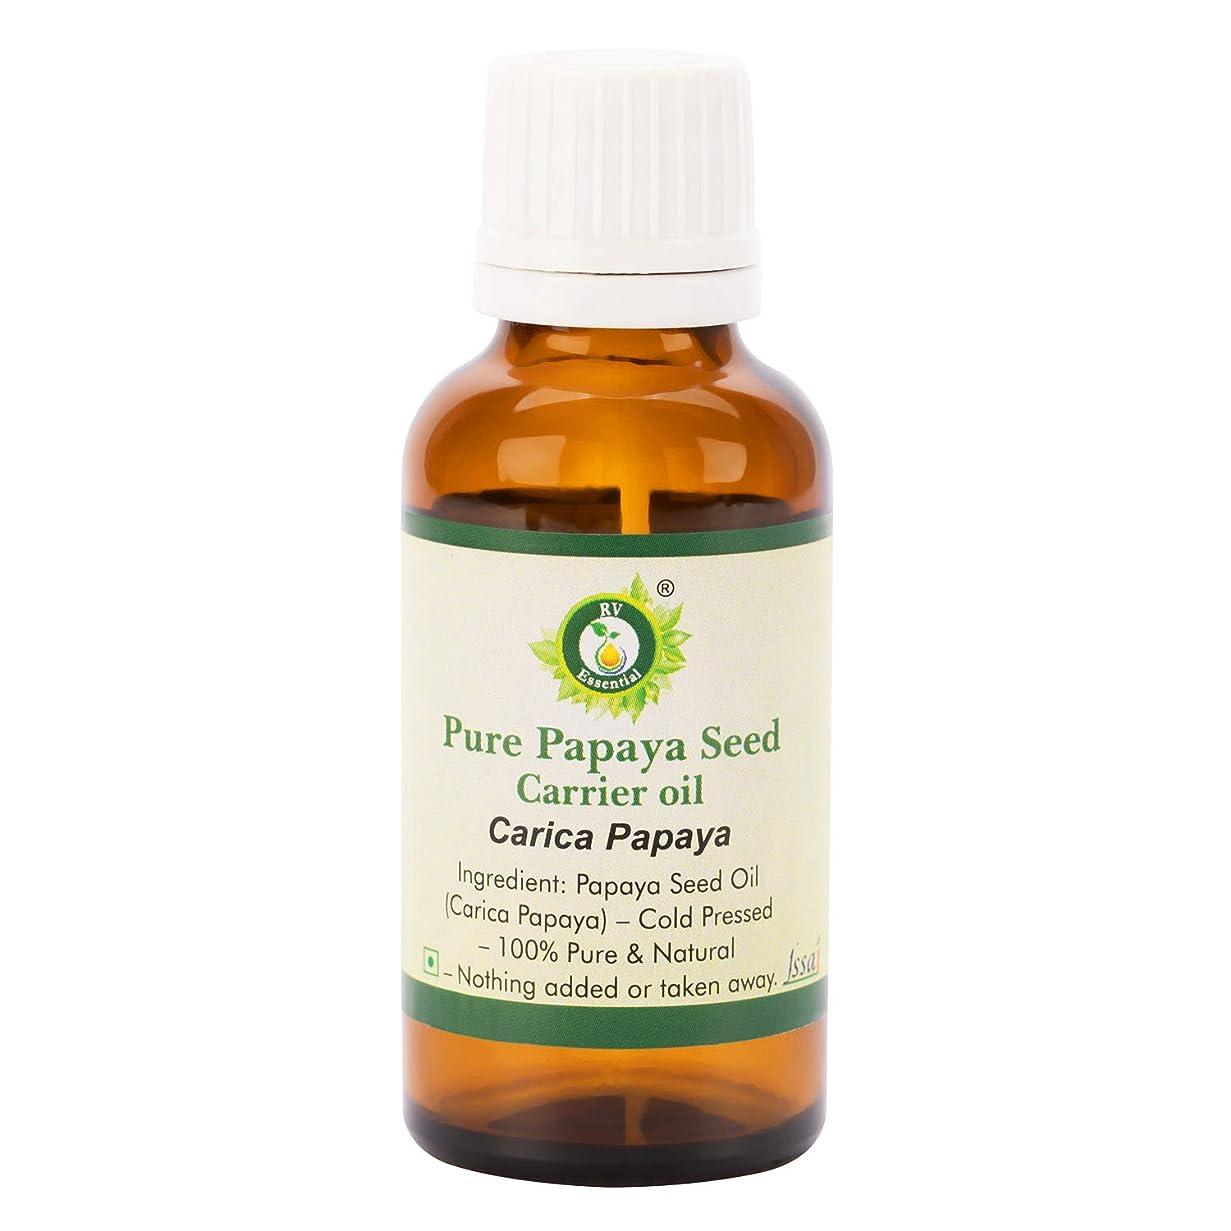 ブロンズ召喚する意気込み純粋なパパイヤ種子キャリアオイル15ml (0.507oz)- Carica Papaya (100%ピュア&ナチュラルコールドPressed) Pure Papaya Seed Carrier Oil